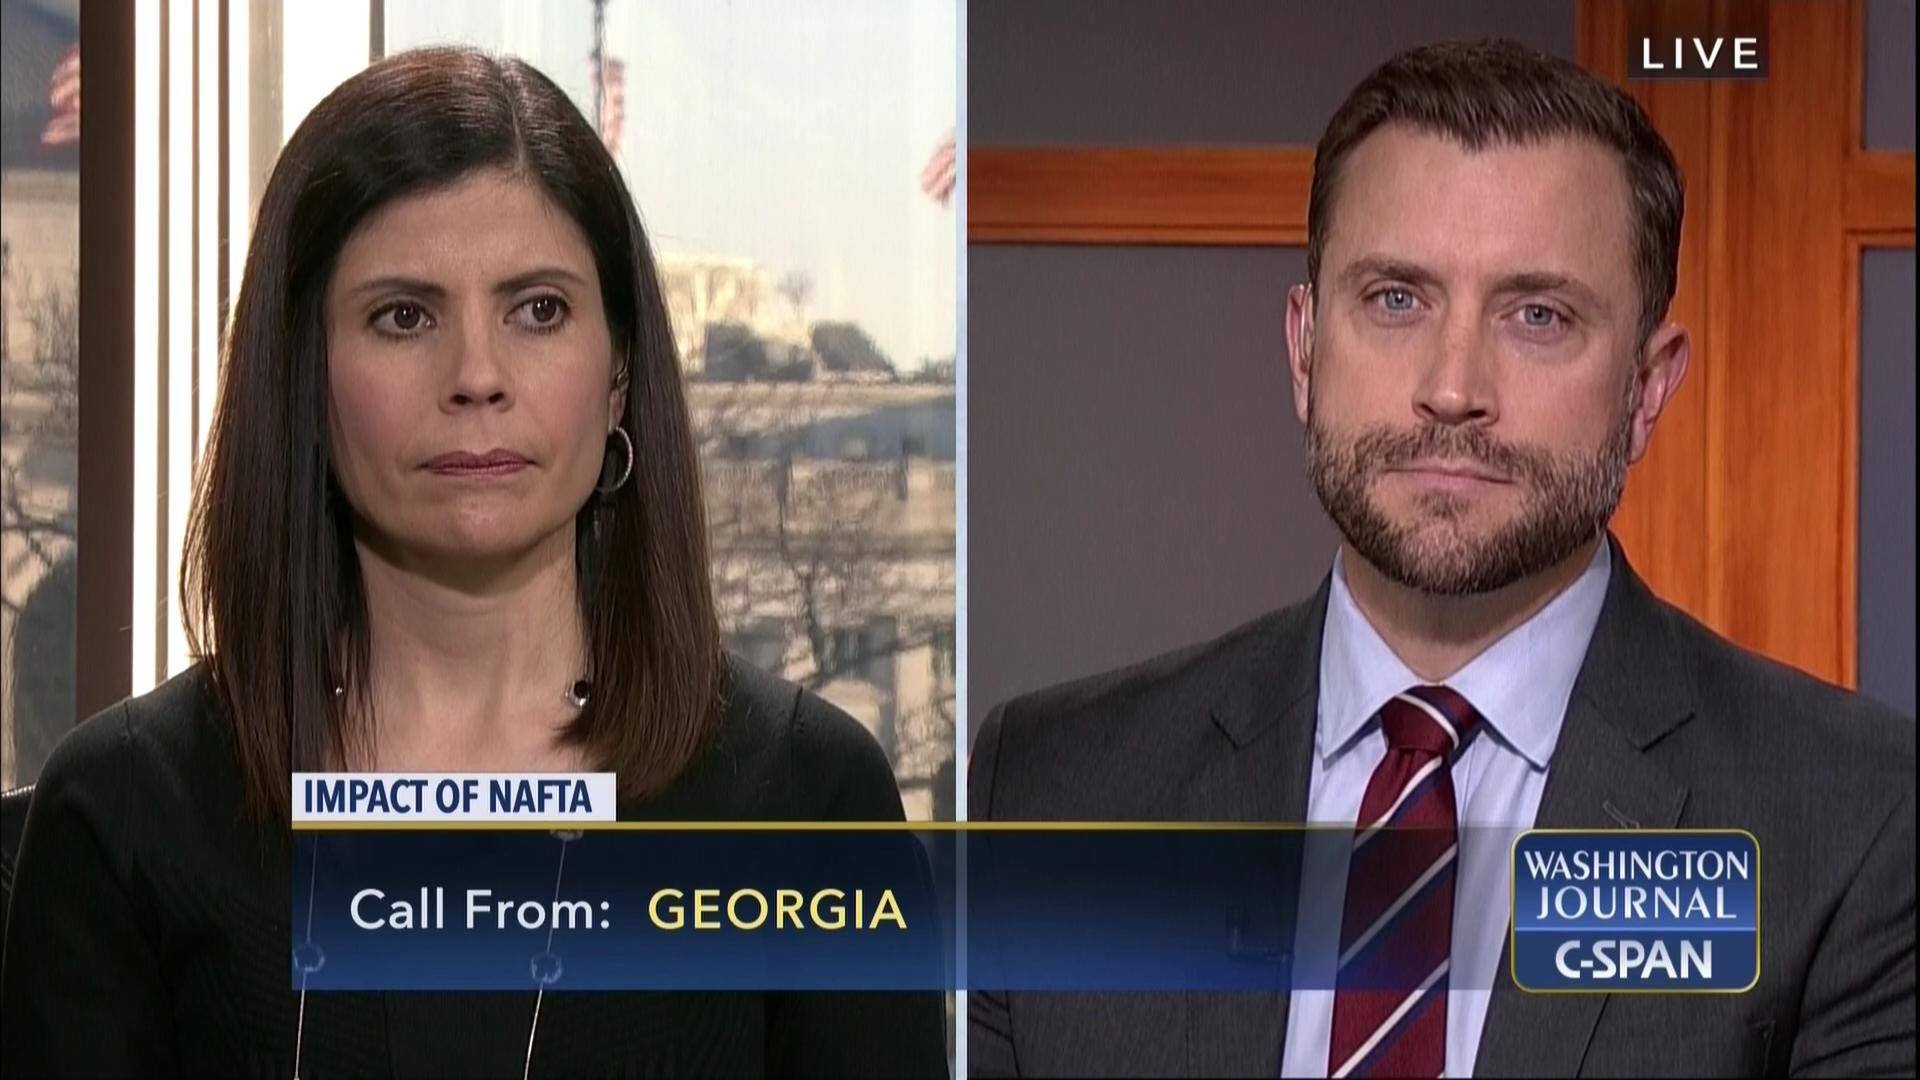 Washington Journal Impact Nafta Jan 27 2018 Video C Span